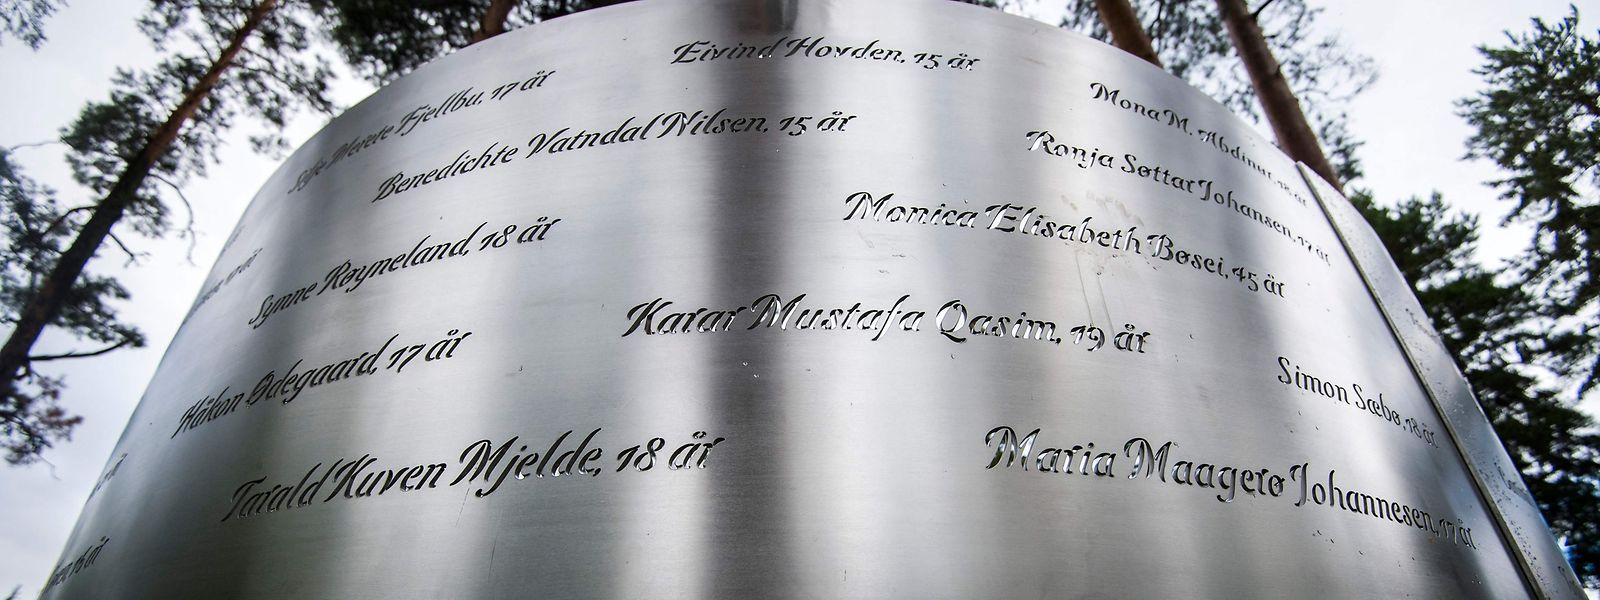 Nur eine kleine Gedenktafel mit den Namen der Opfer erinnert auf der Insel Utøya an das Massaker.